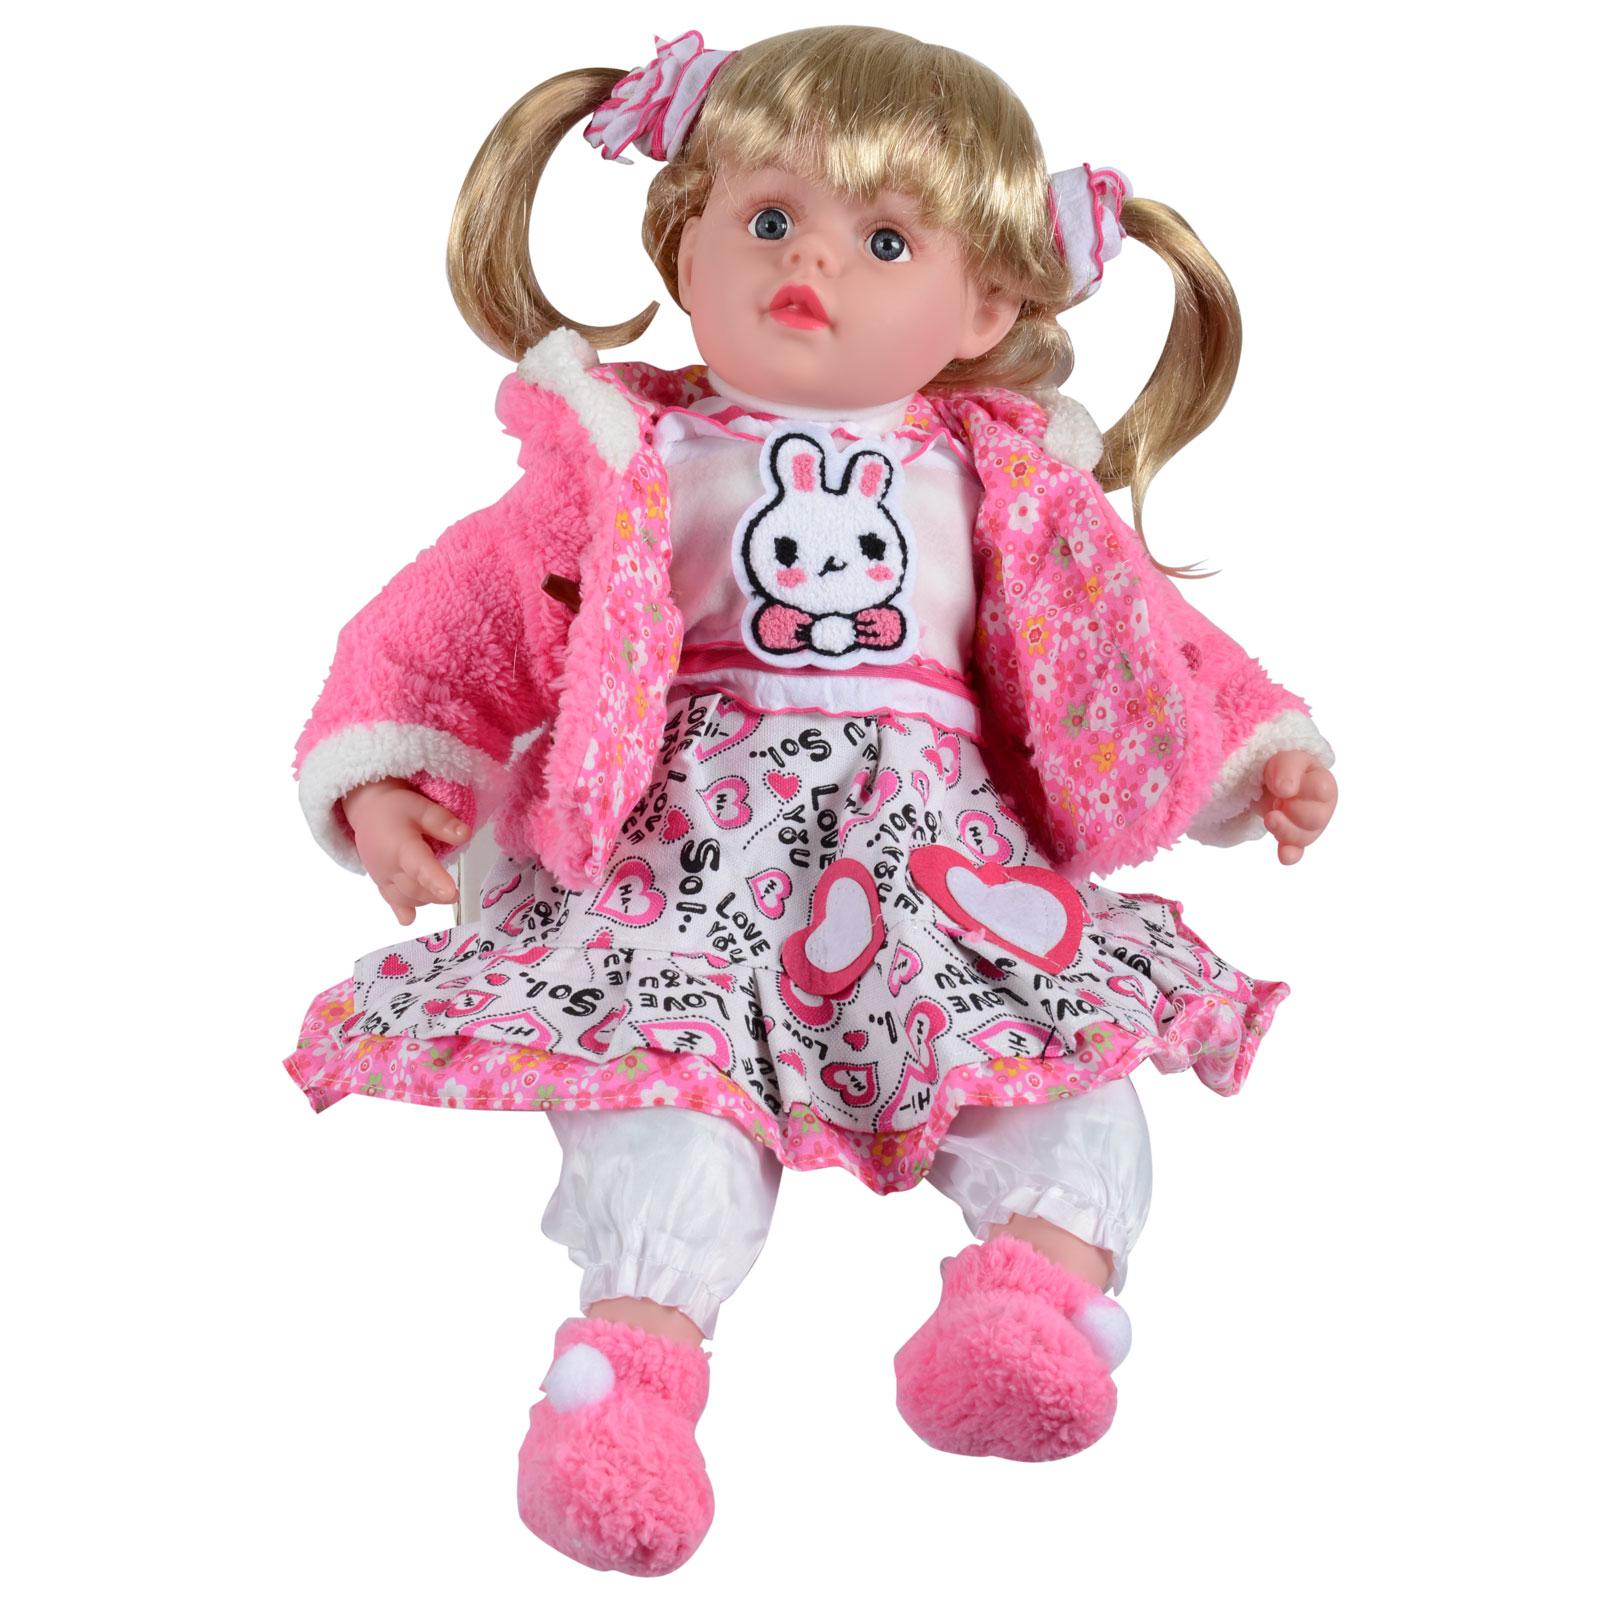 Куклы сидячие своими руками 43